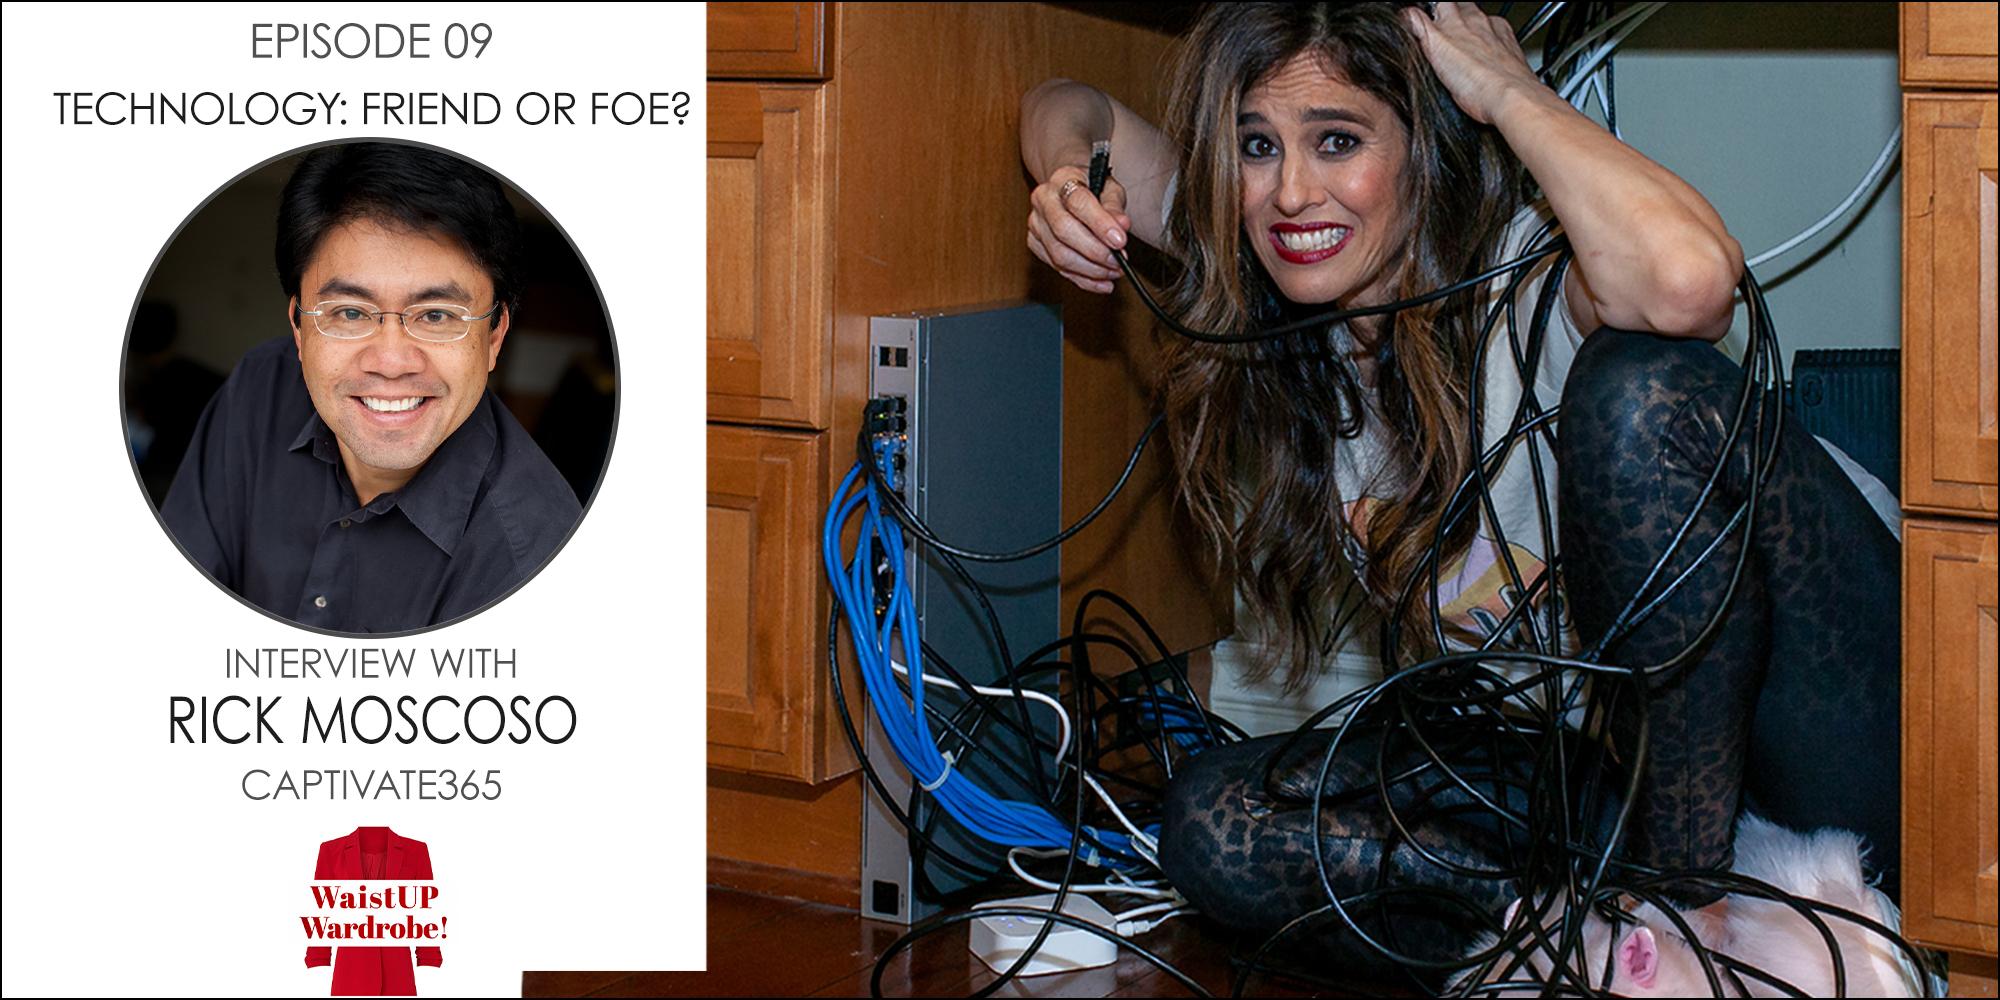 Episode 9. Technology - Friend or Foe